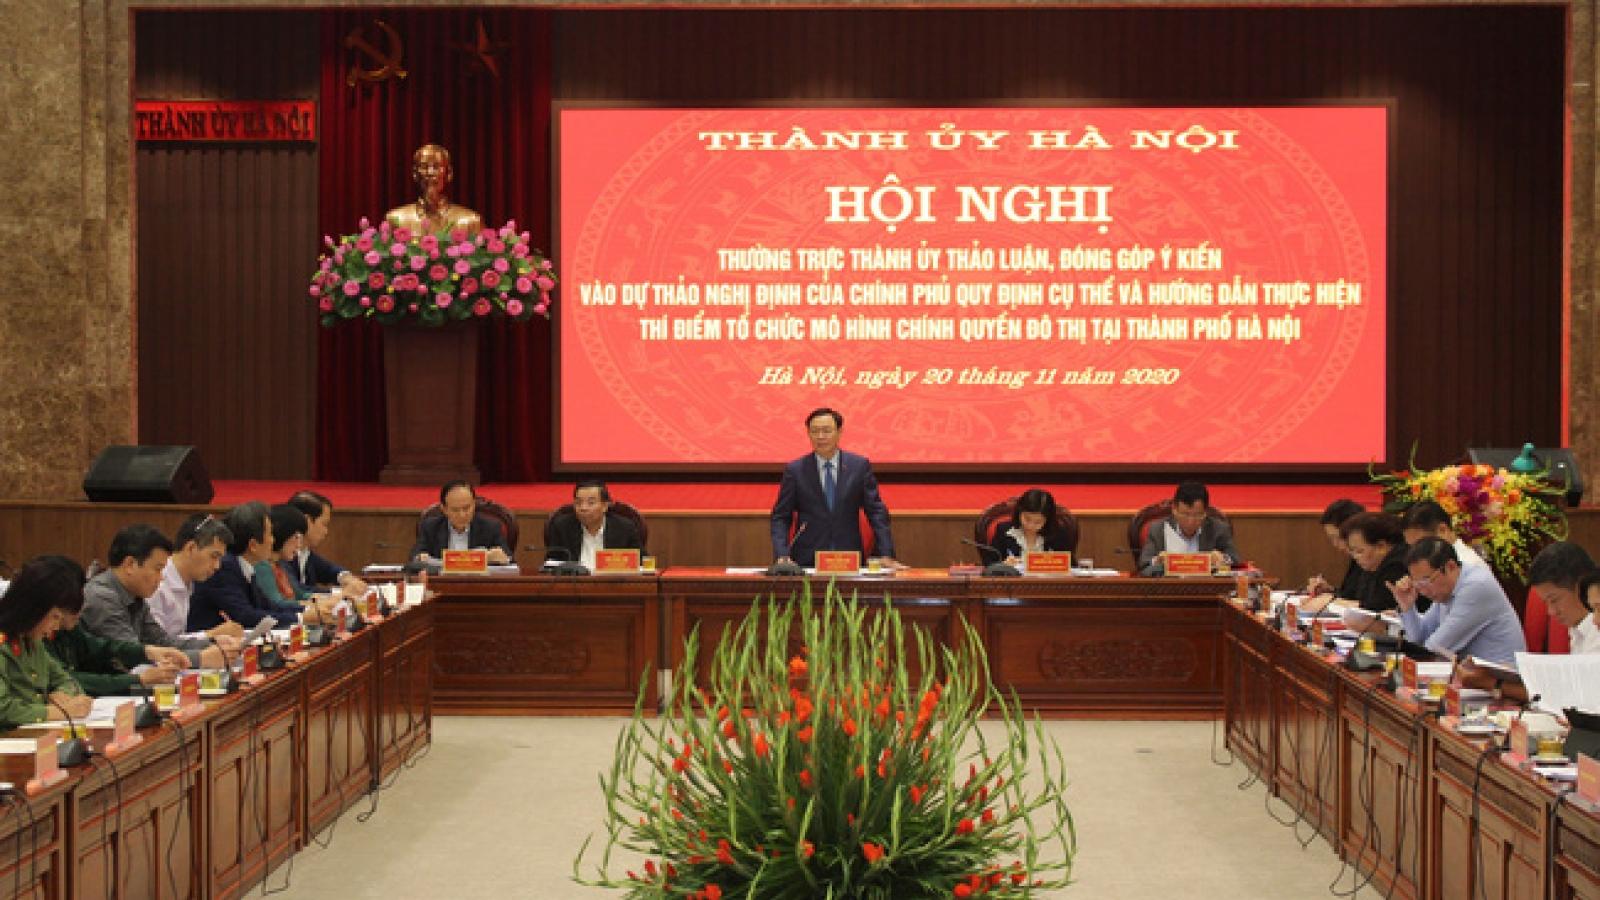 Hà Nội thảo luận thí điểm tổ chức mô hình chính quyền đô thị